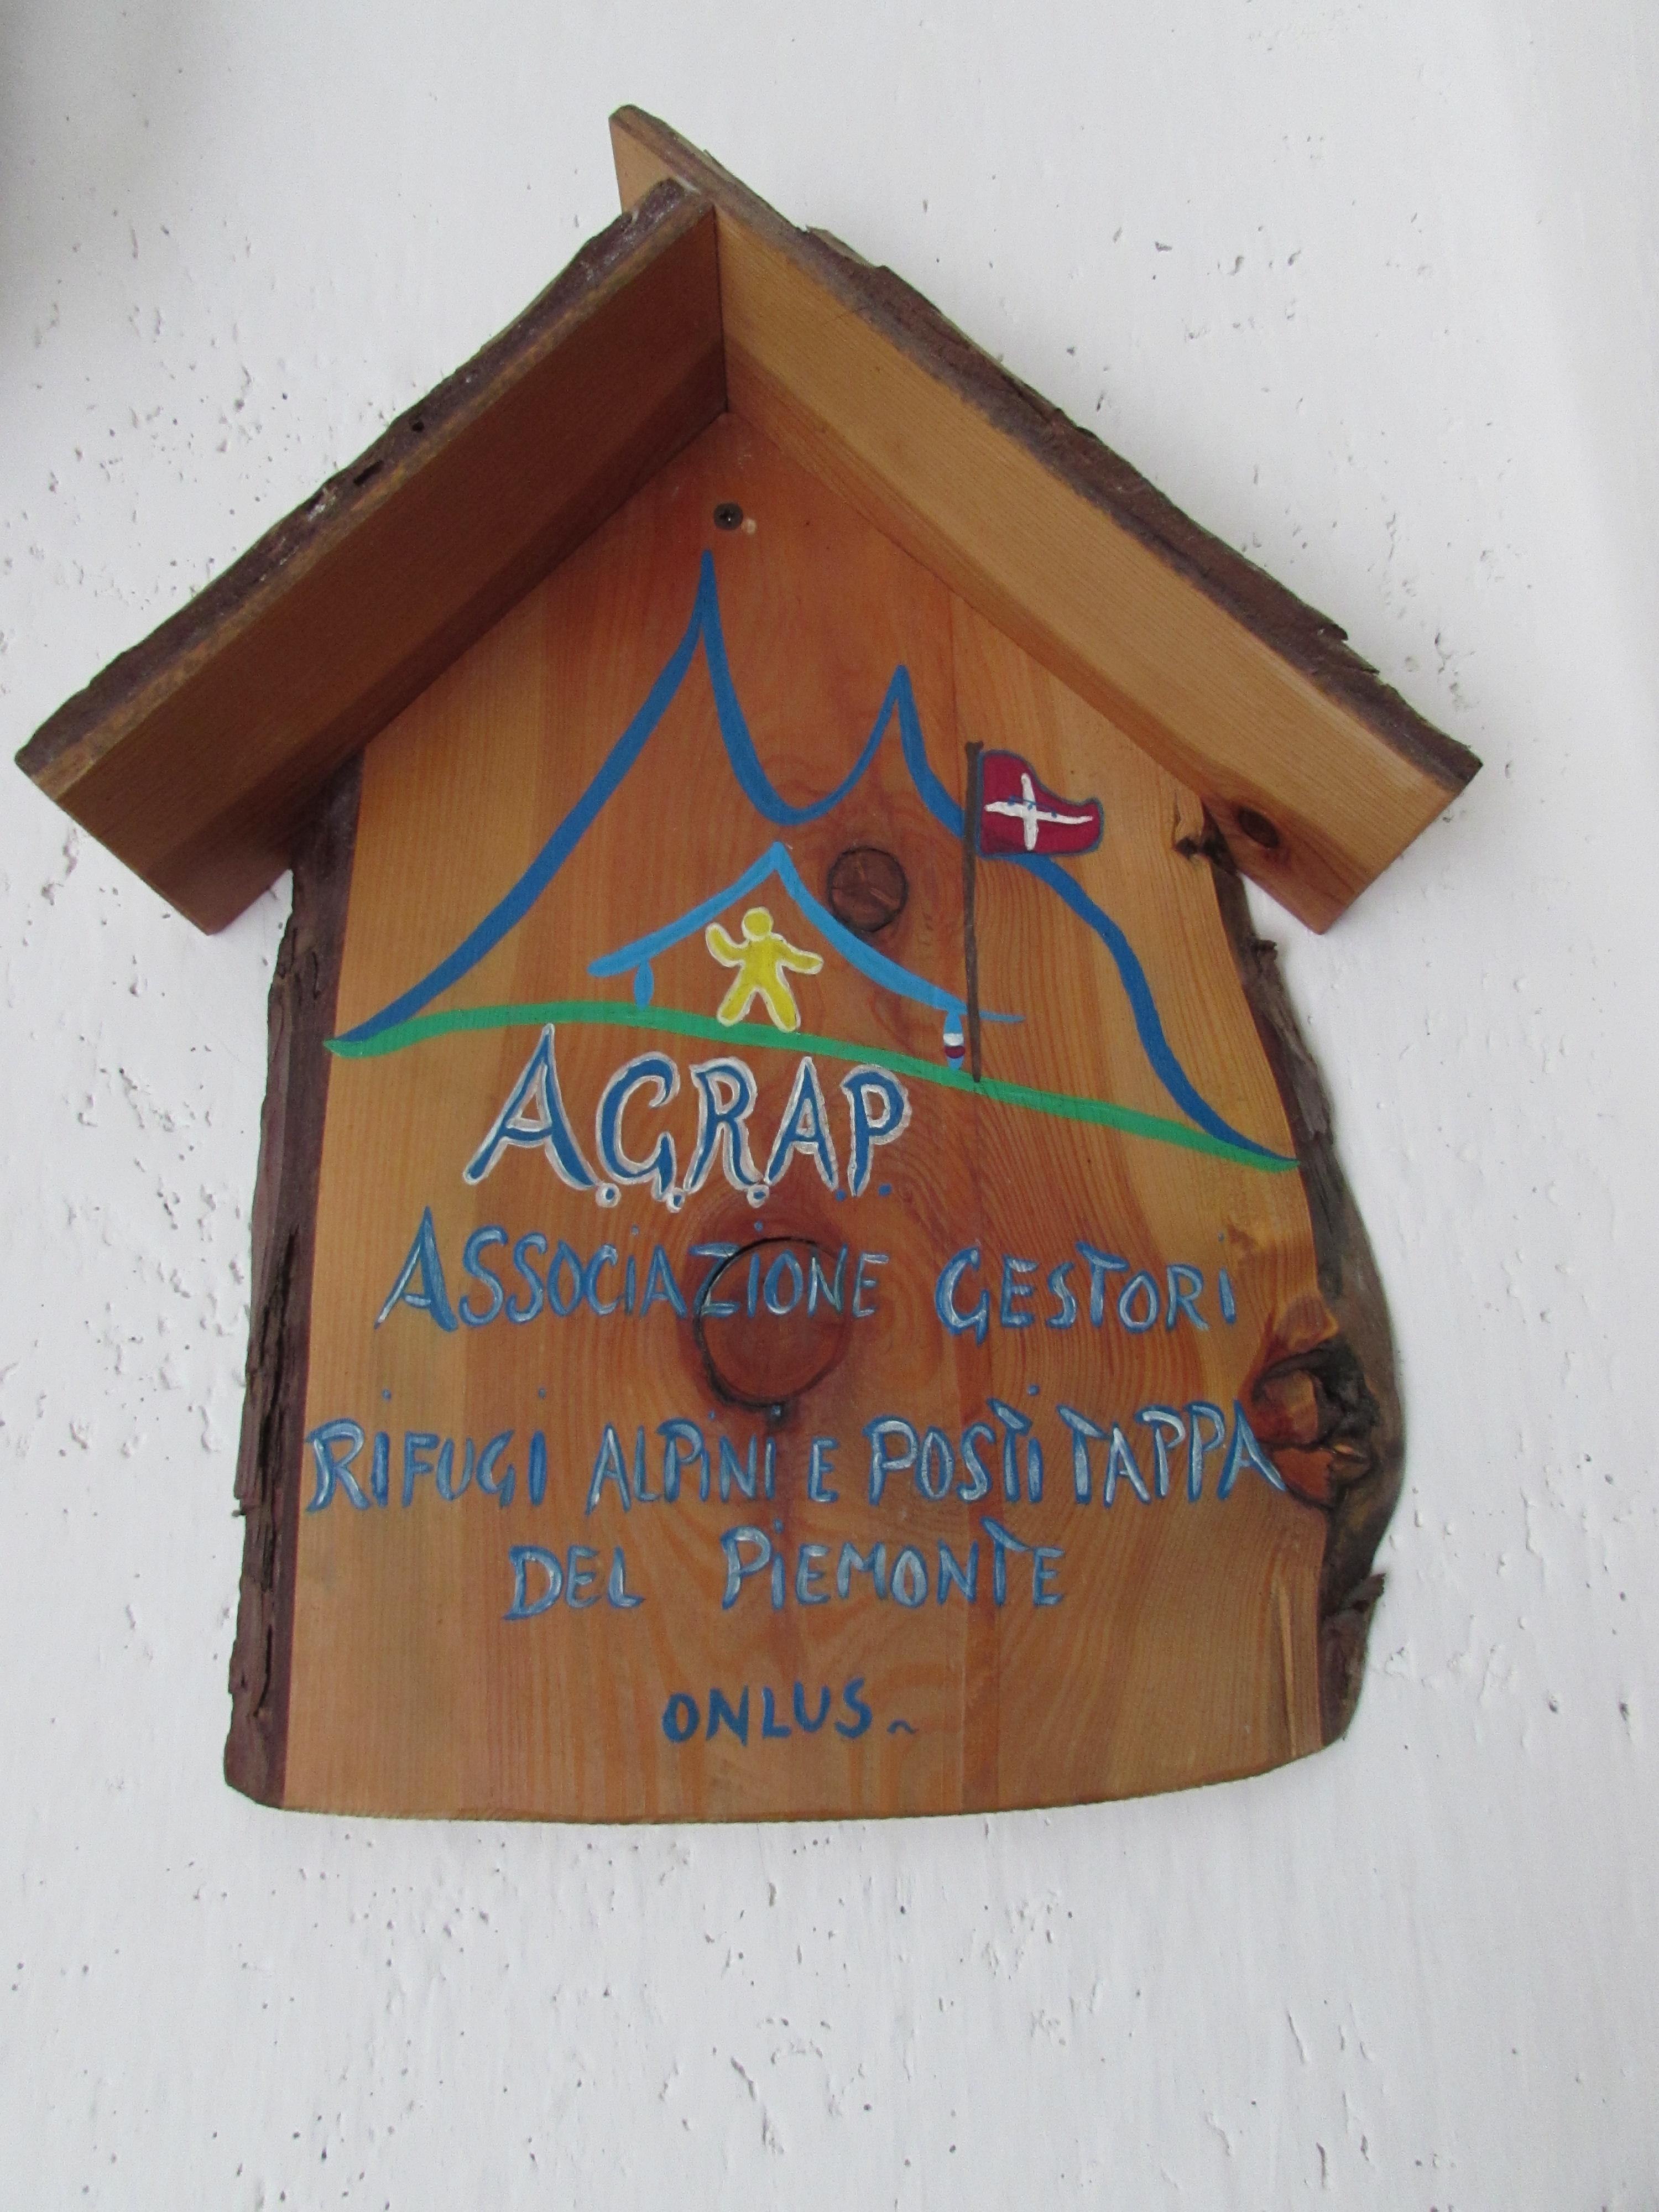 A.G.R.A.P.